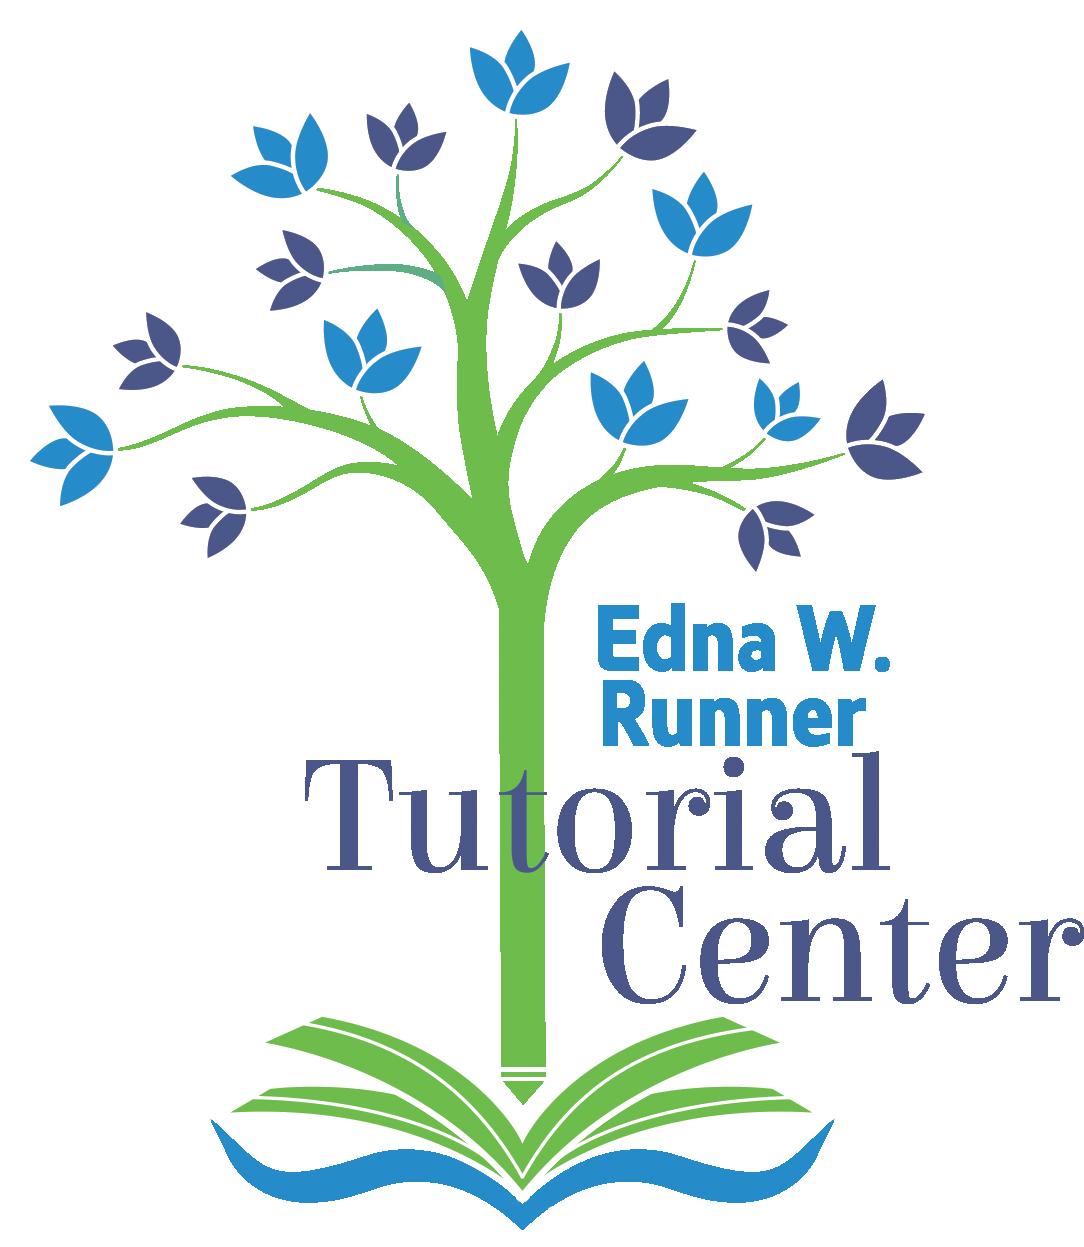 Edna W. Runner Tutorial Center